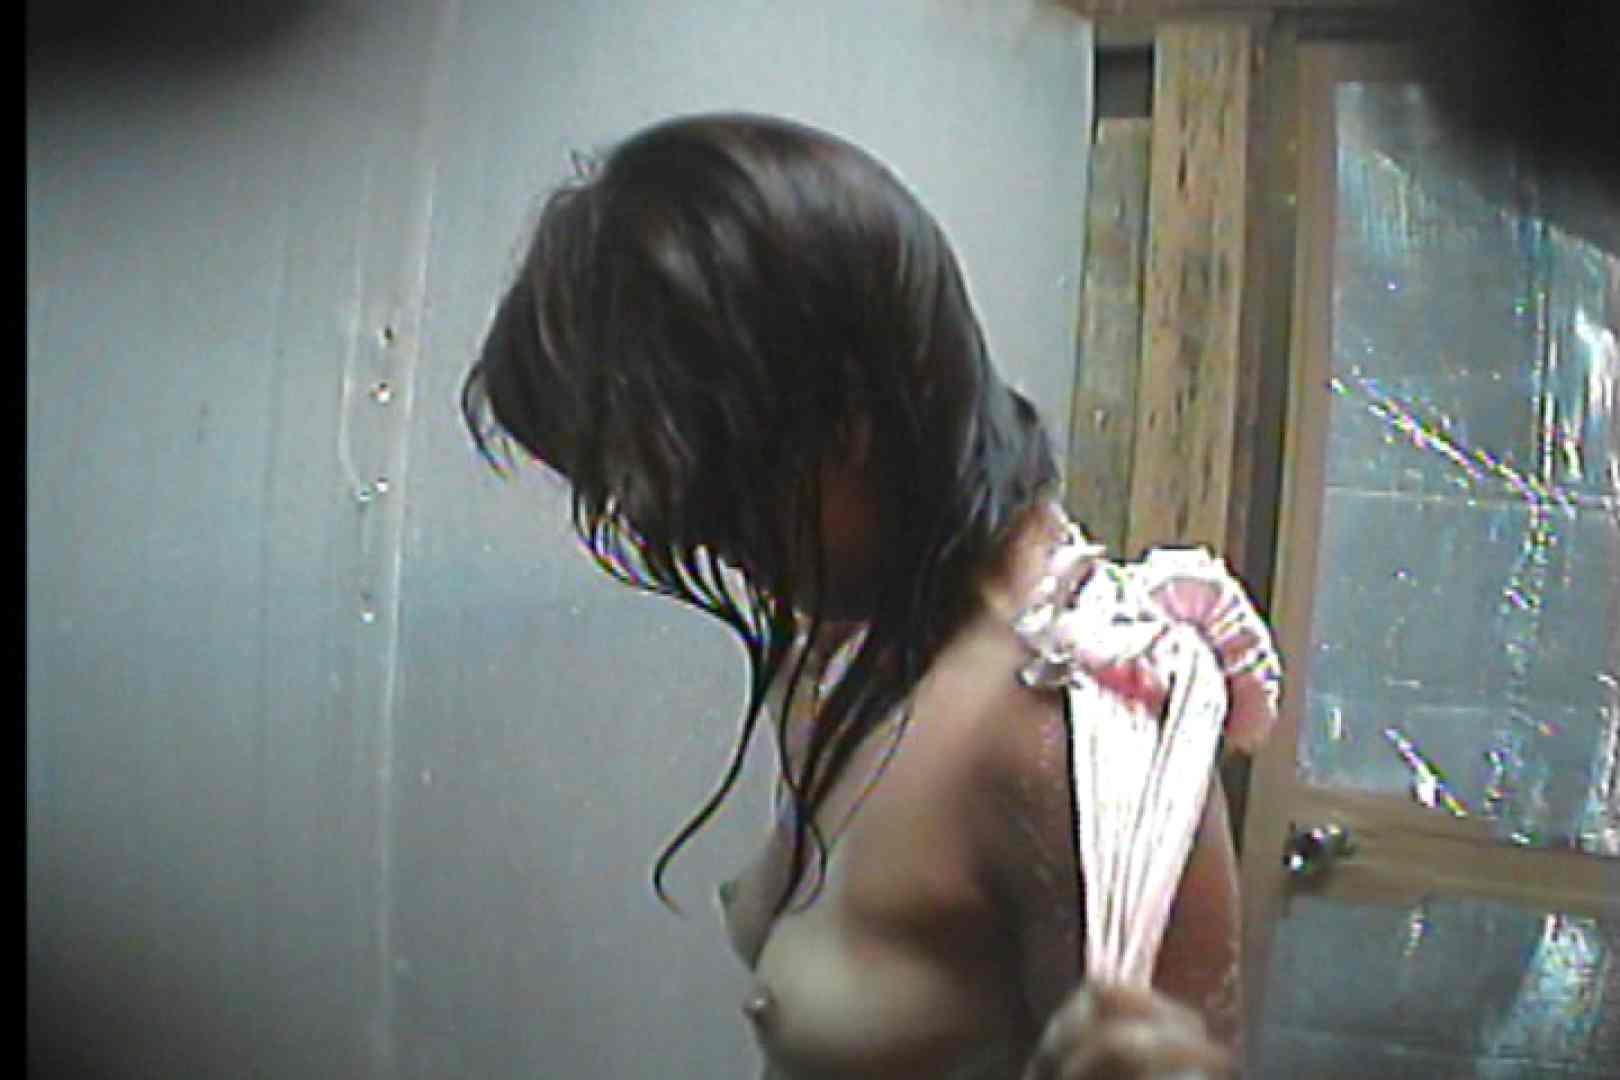 海の家の更衣室 Vol.58 美女H映像   ギャル  77画像 57